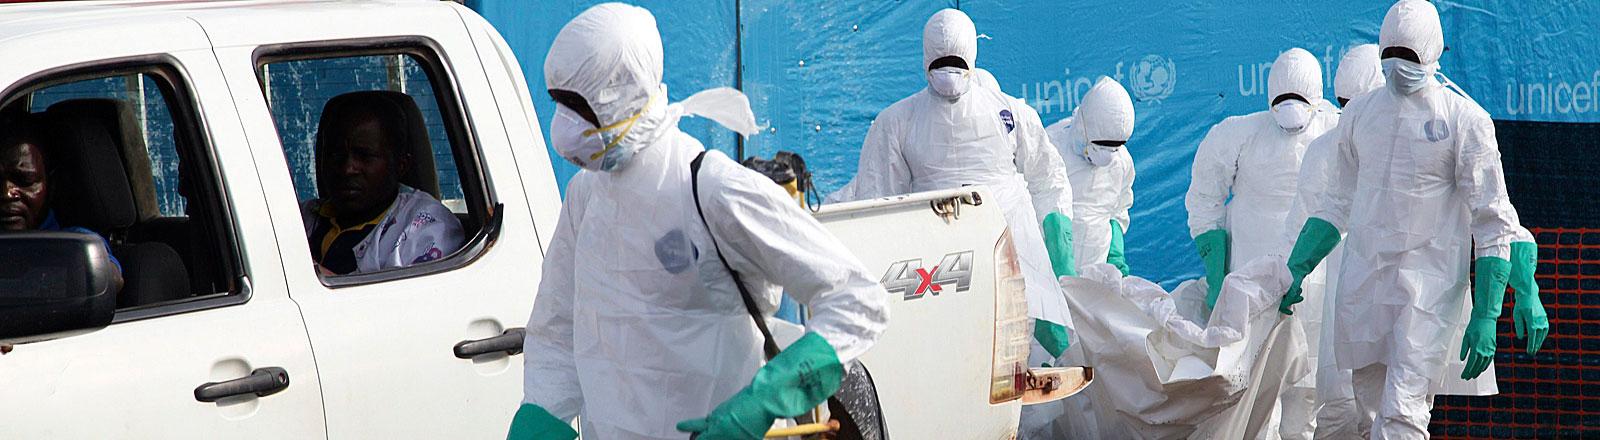 Isolationscamp Foya in Lofa County, Liberia: Hilfskräfte in Schutzkleidung mit einem Ebola-Opfer.